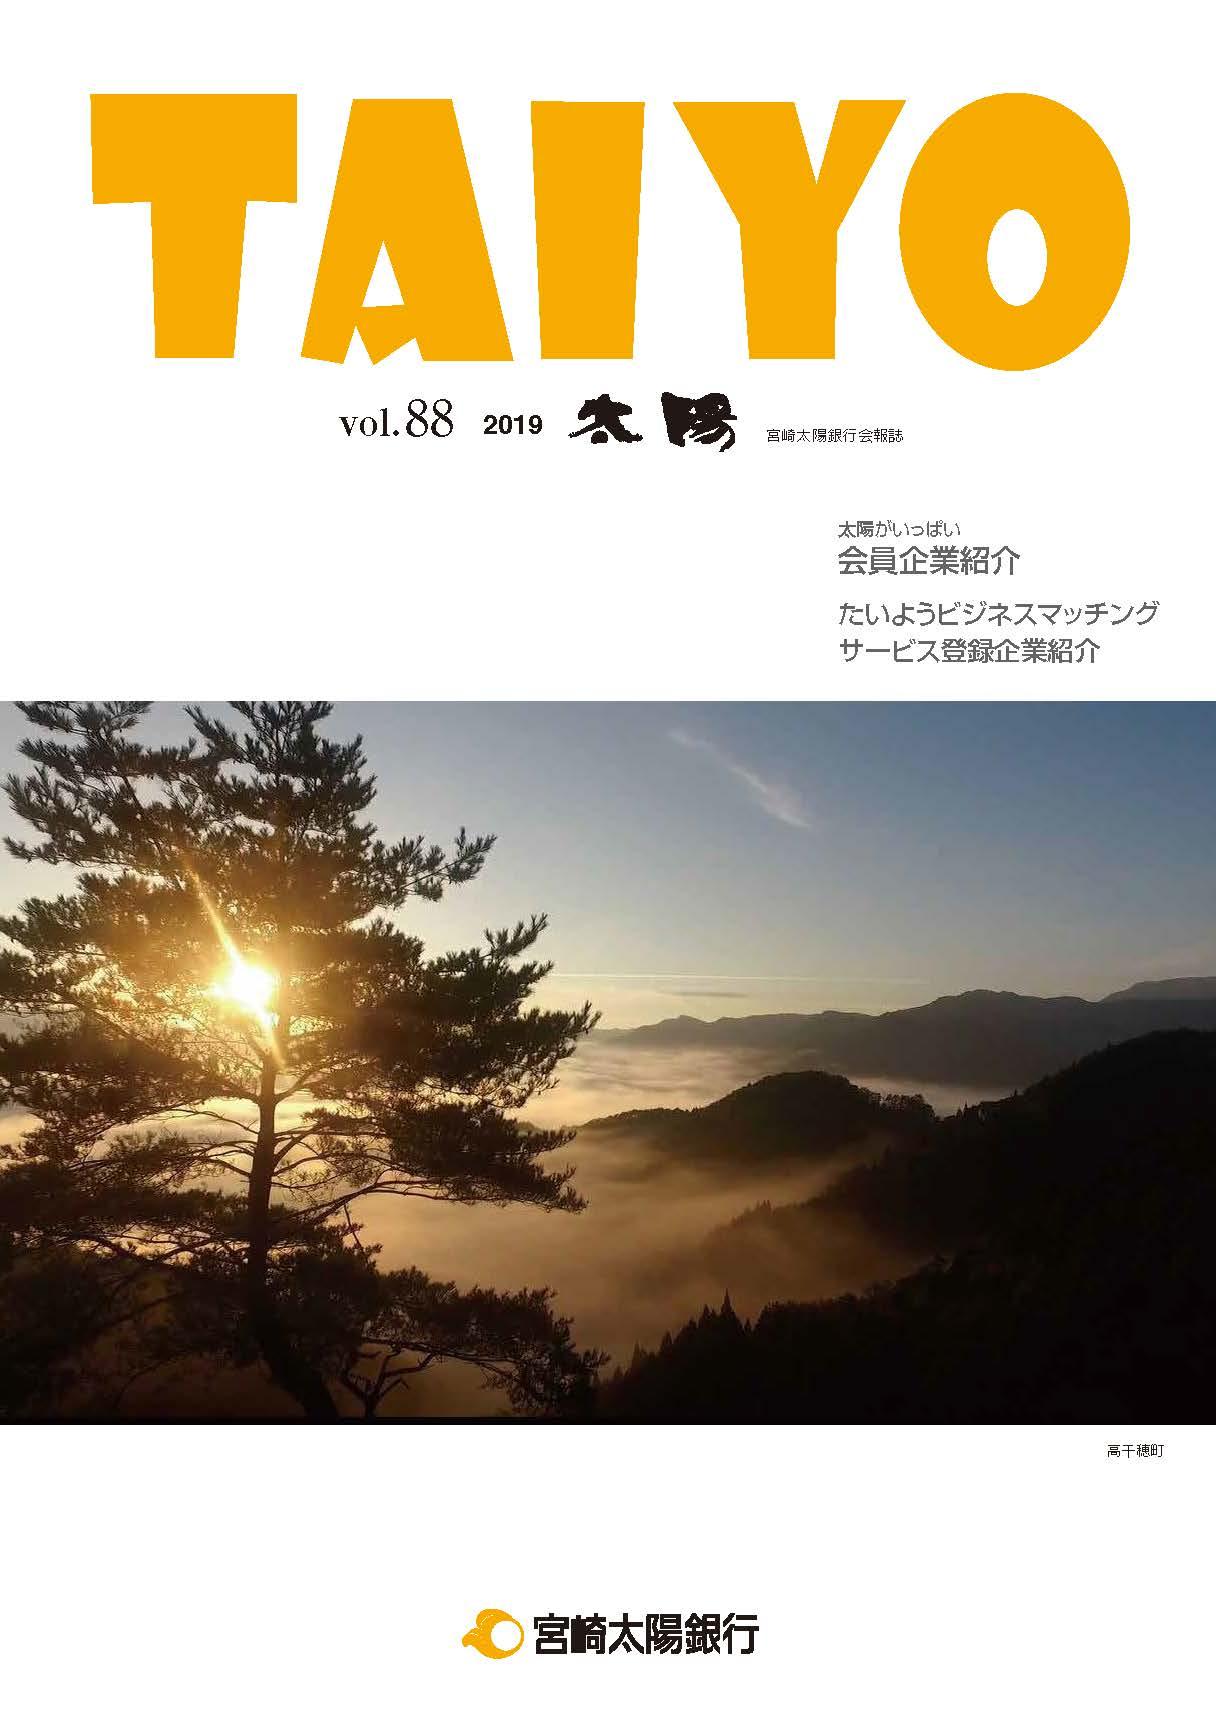 「太陽」VOL88 太陽がいっぱいシリーズ106企業紹介・・・「WAGEN」など